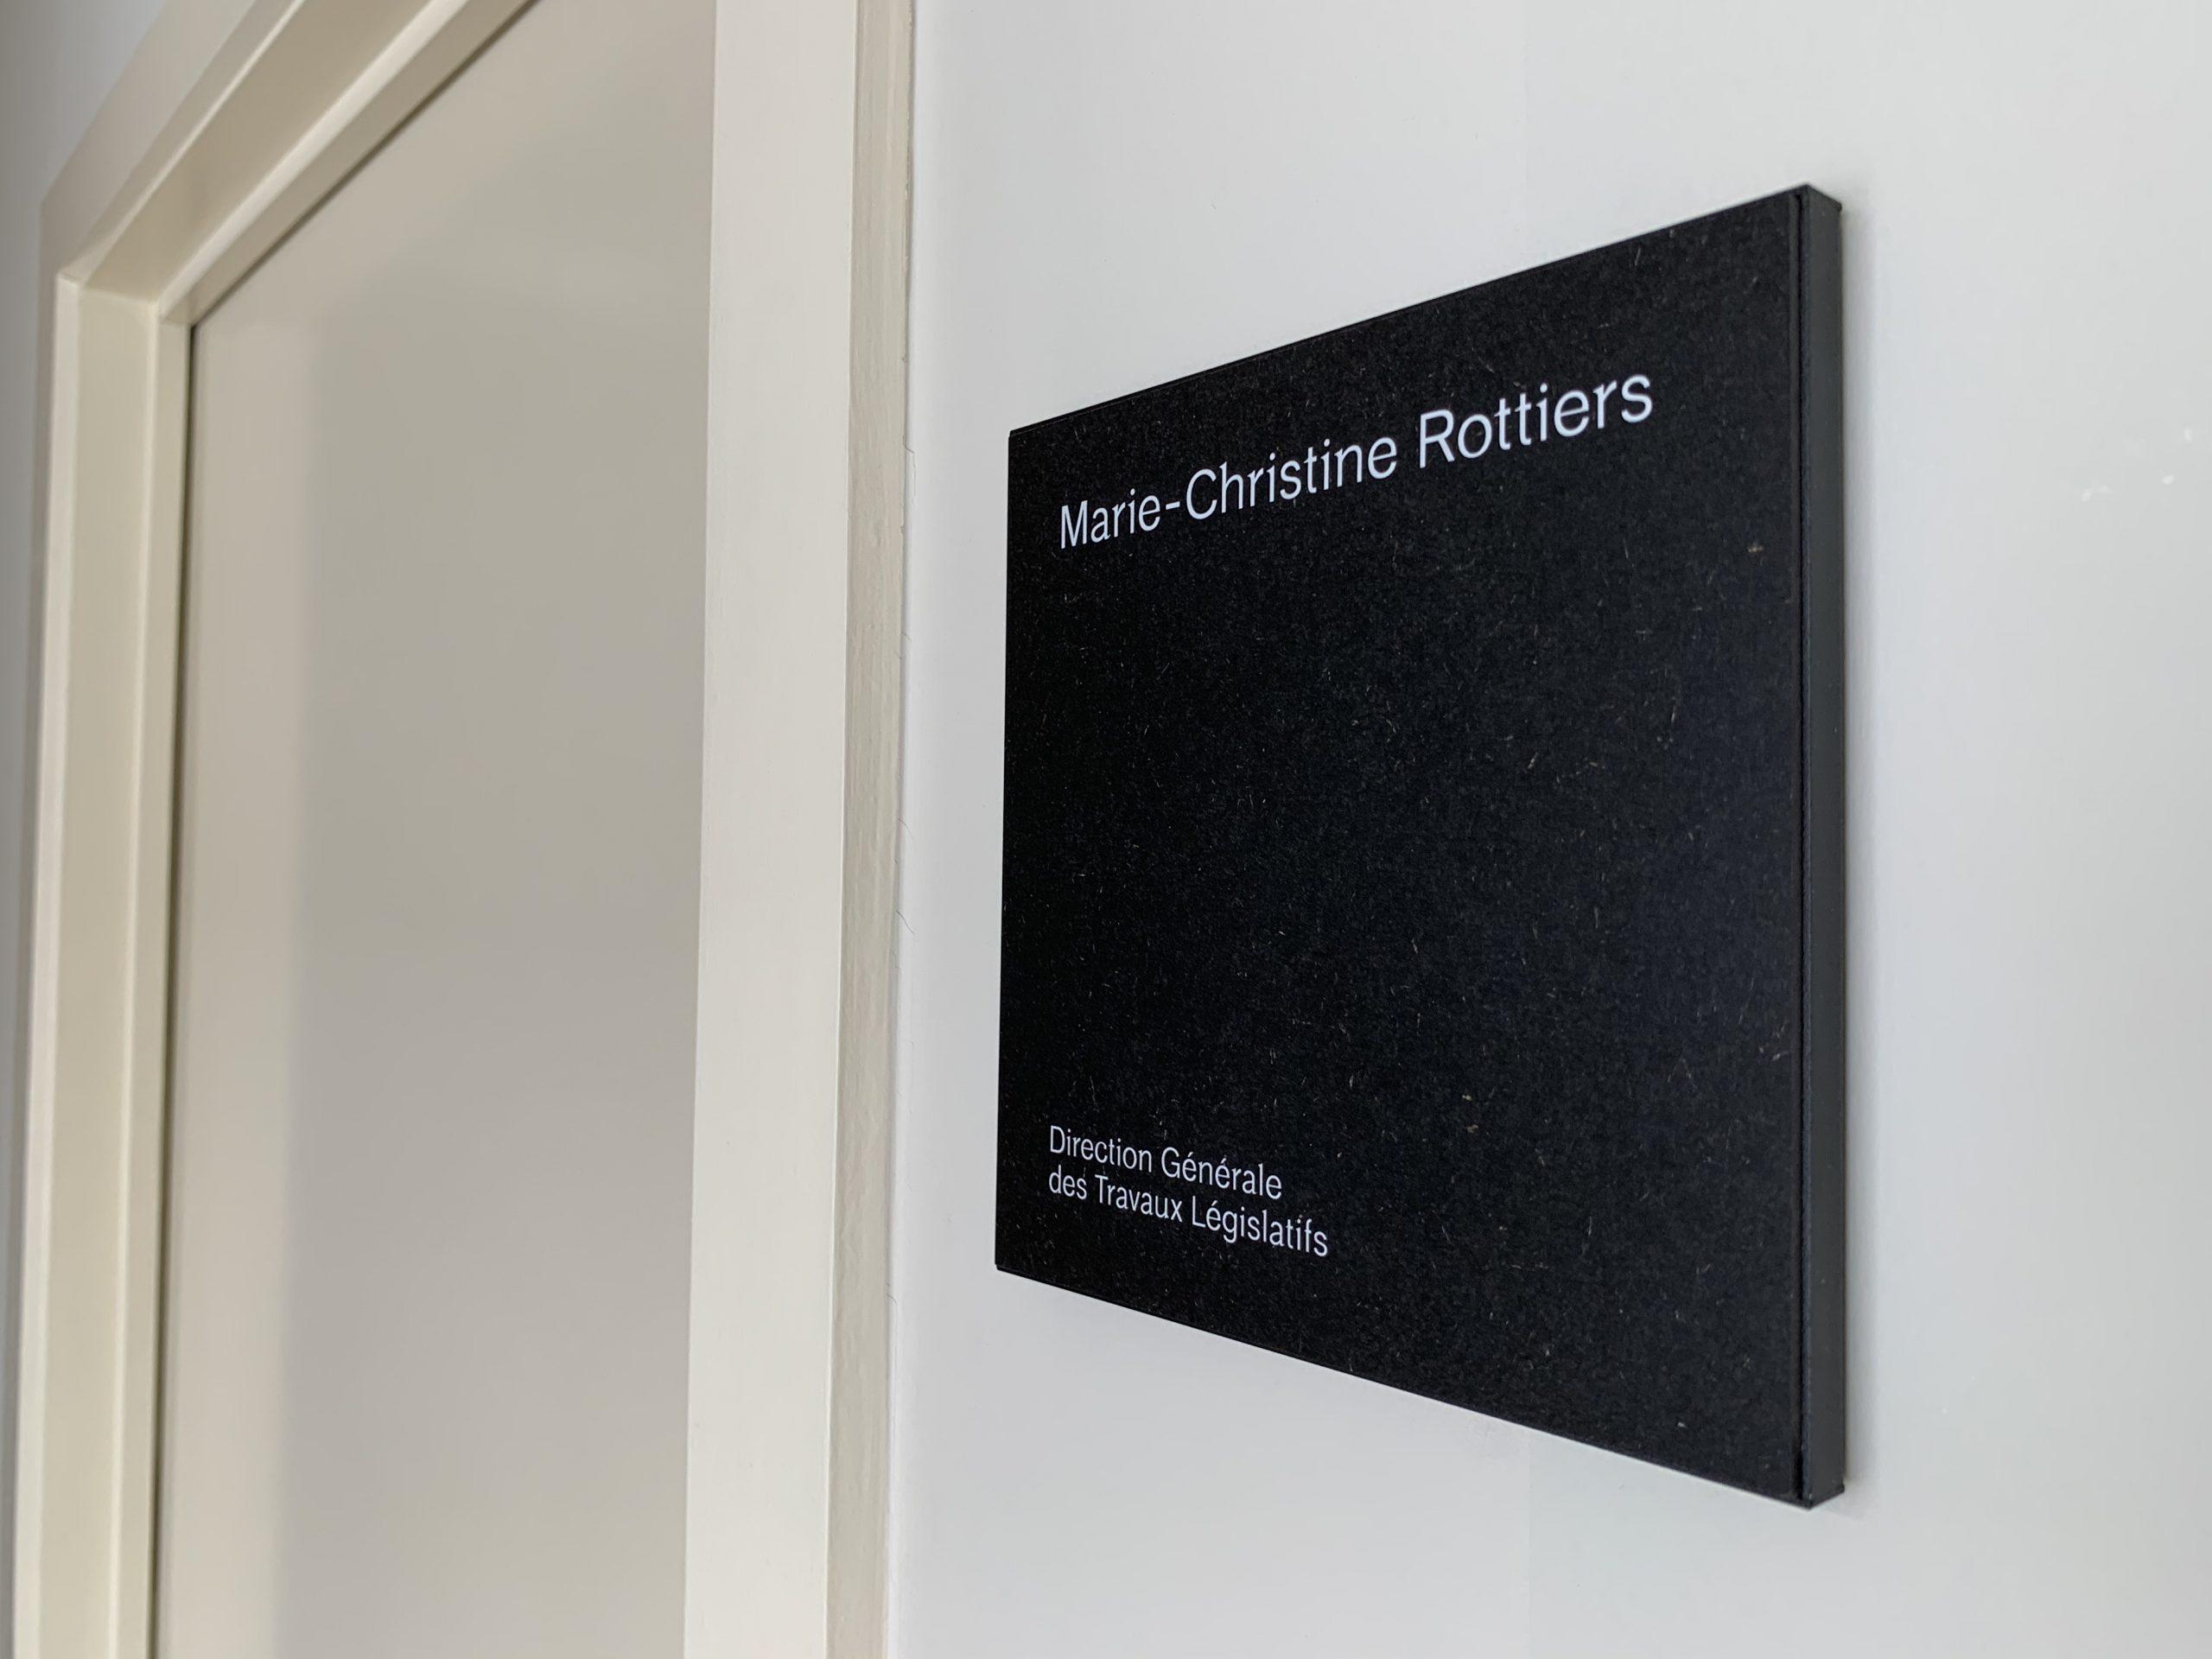 Wayfinding – signalisatie indoor met deurnaamborden aangepast aan de huisstijl van de onderneming by actual sign member of the remotec group